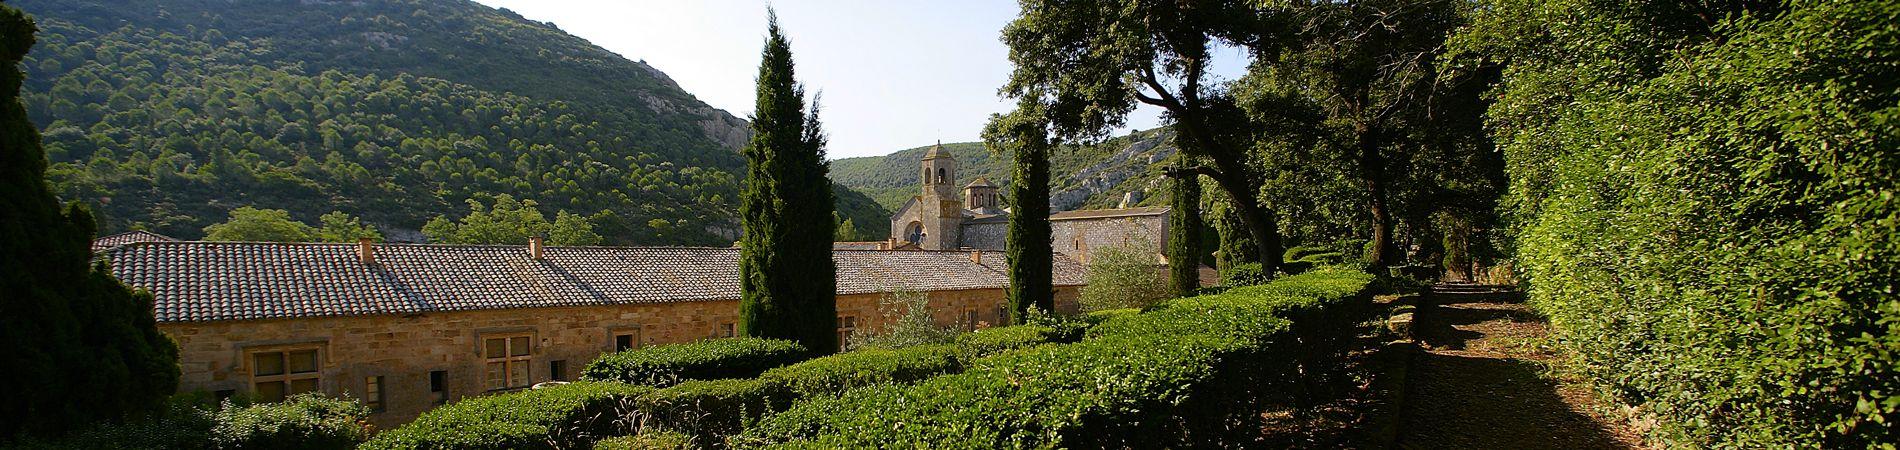 Los jardines de la abadía de Fontfroide